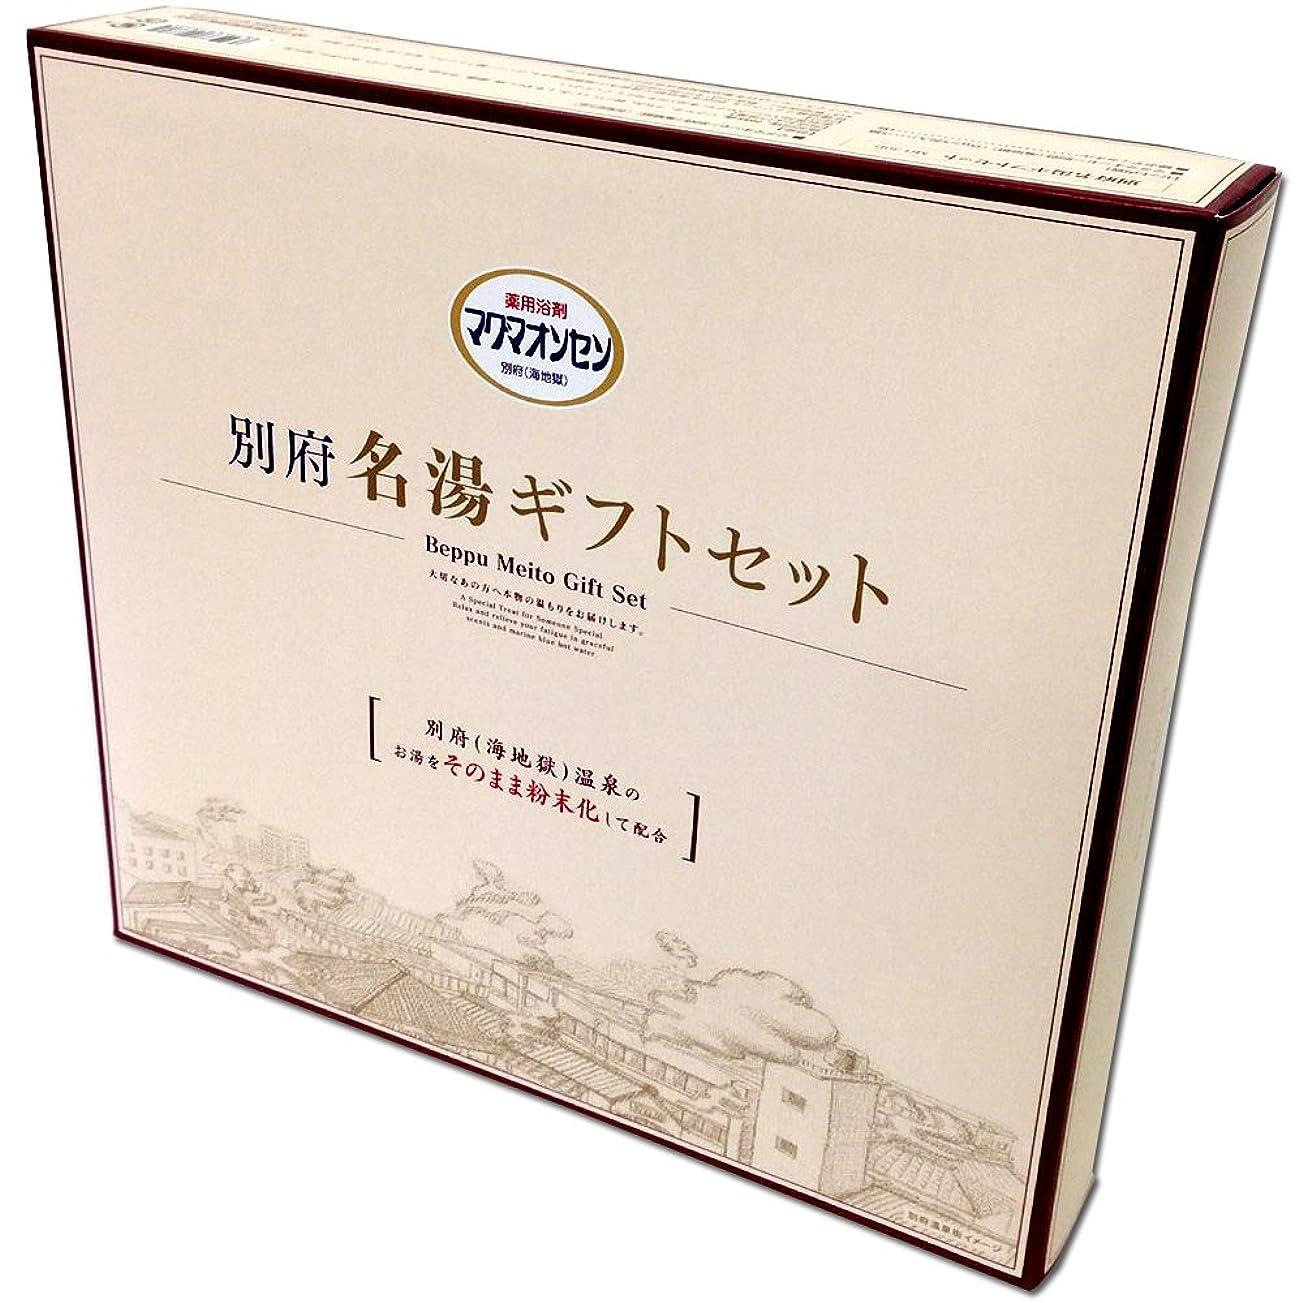 勝利したモス鰐薬用浴剤 マグマオンセン別府(海地獄)名湯ギフトセット